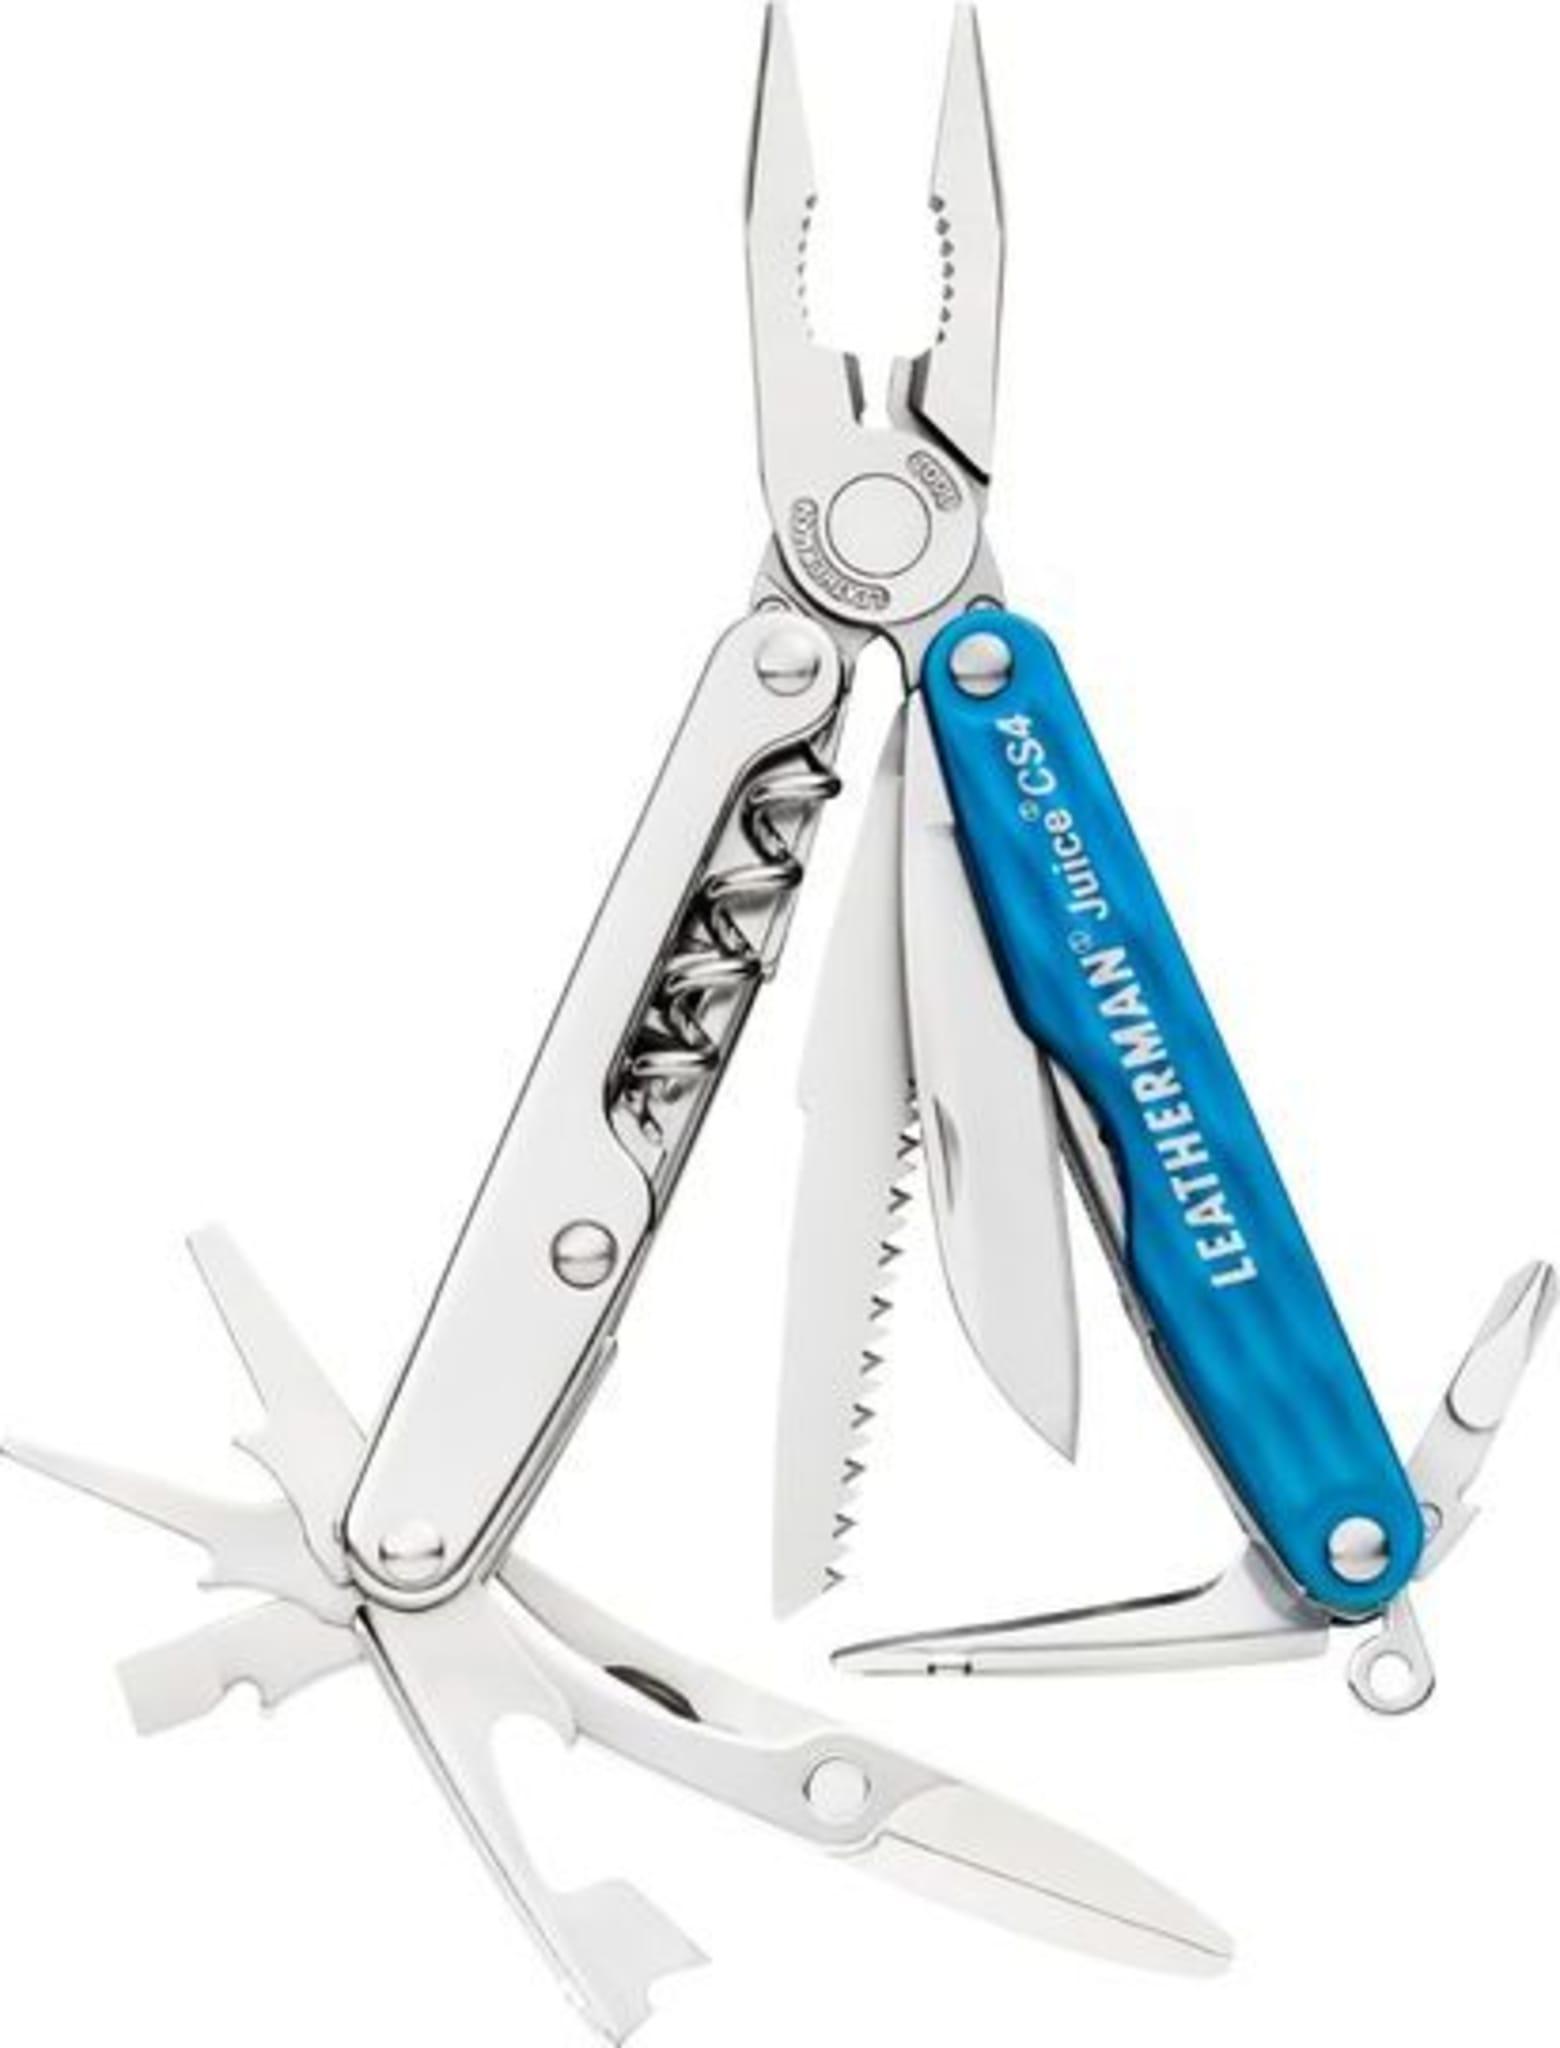 Liten kniv, med masse verktøy!